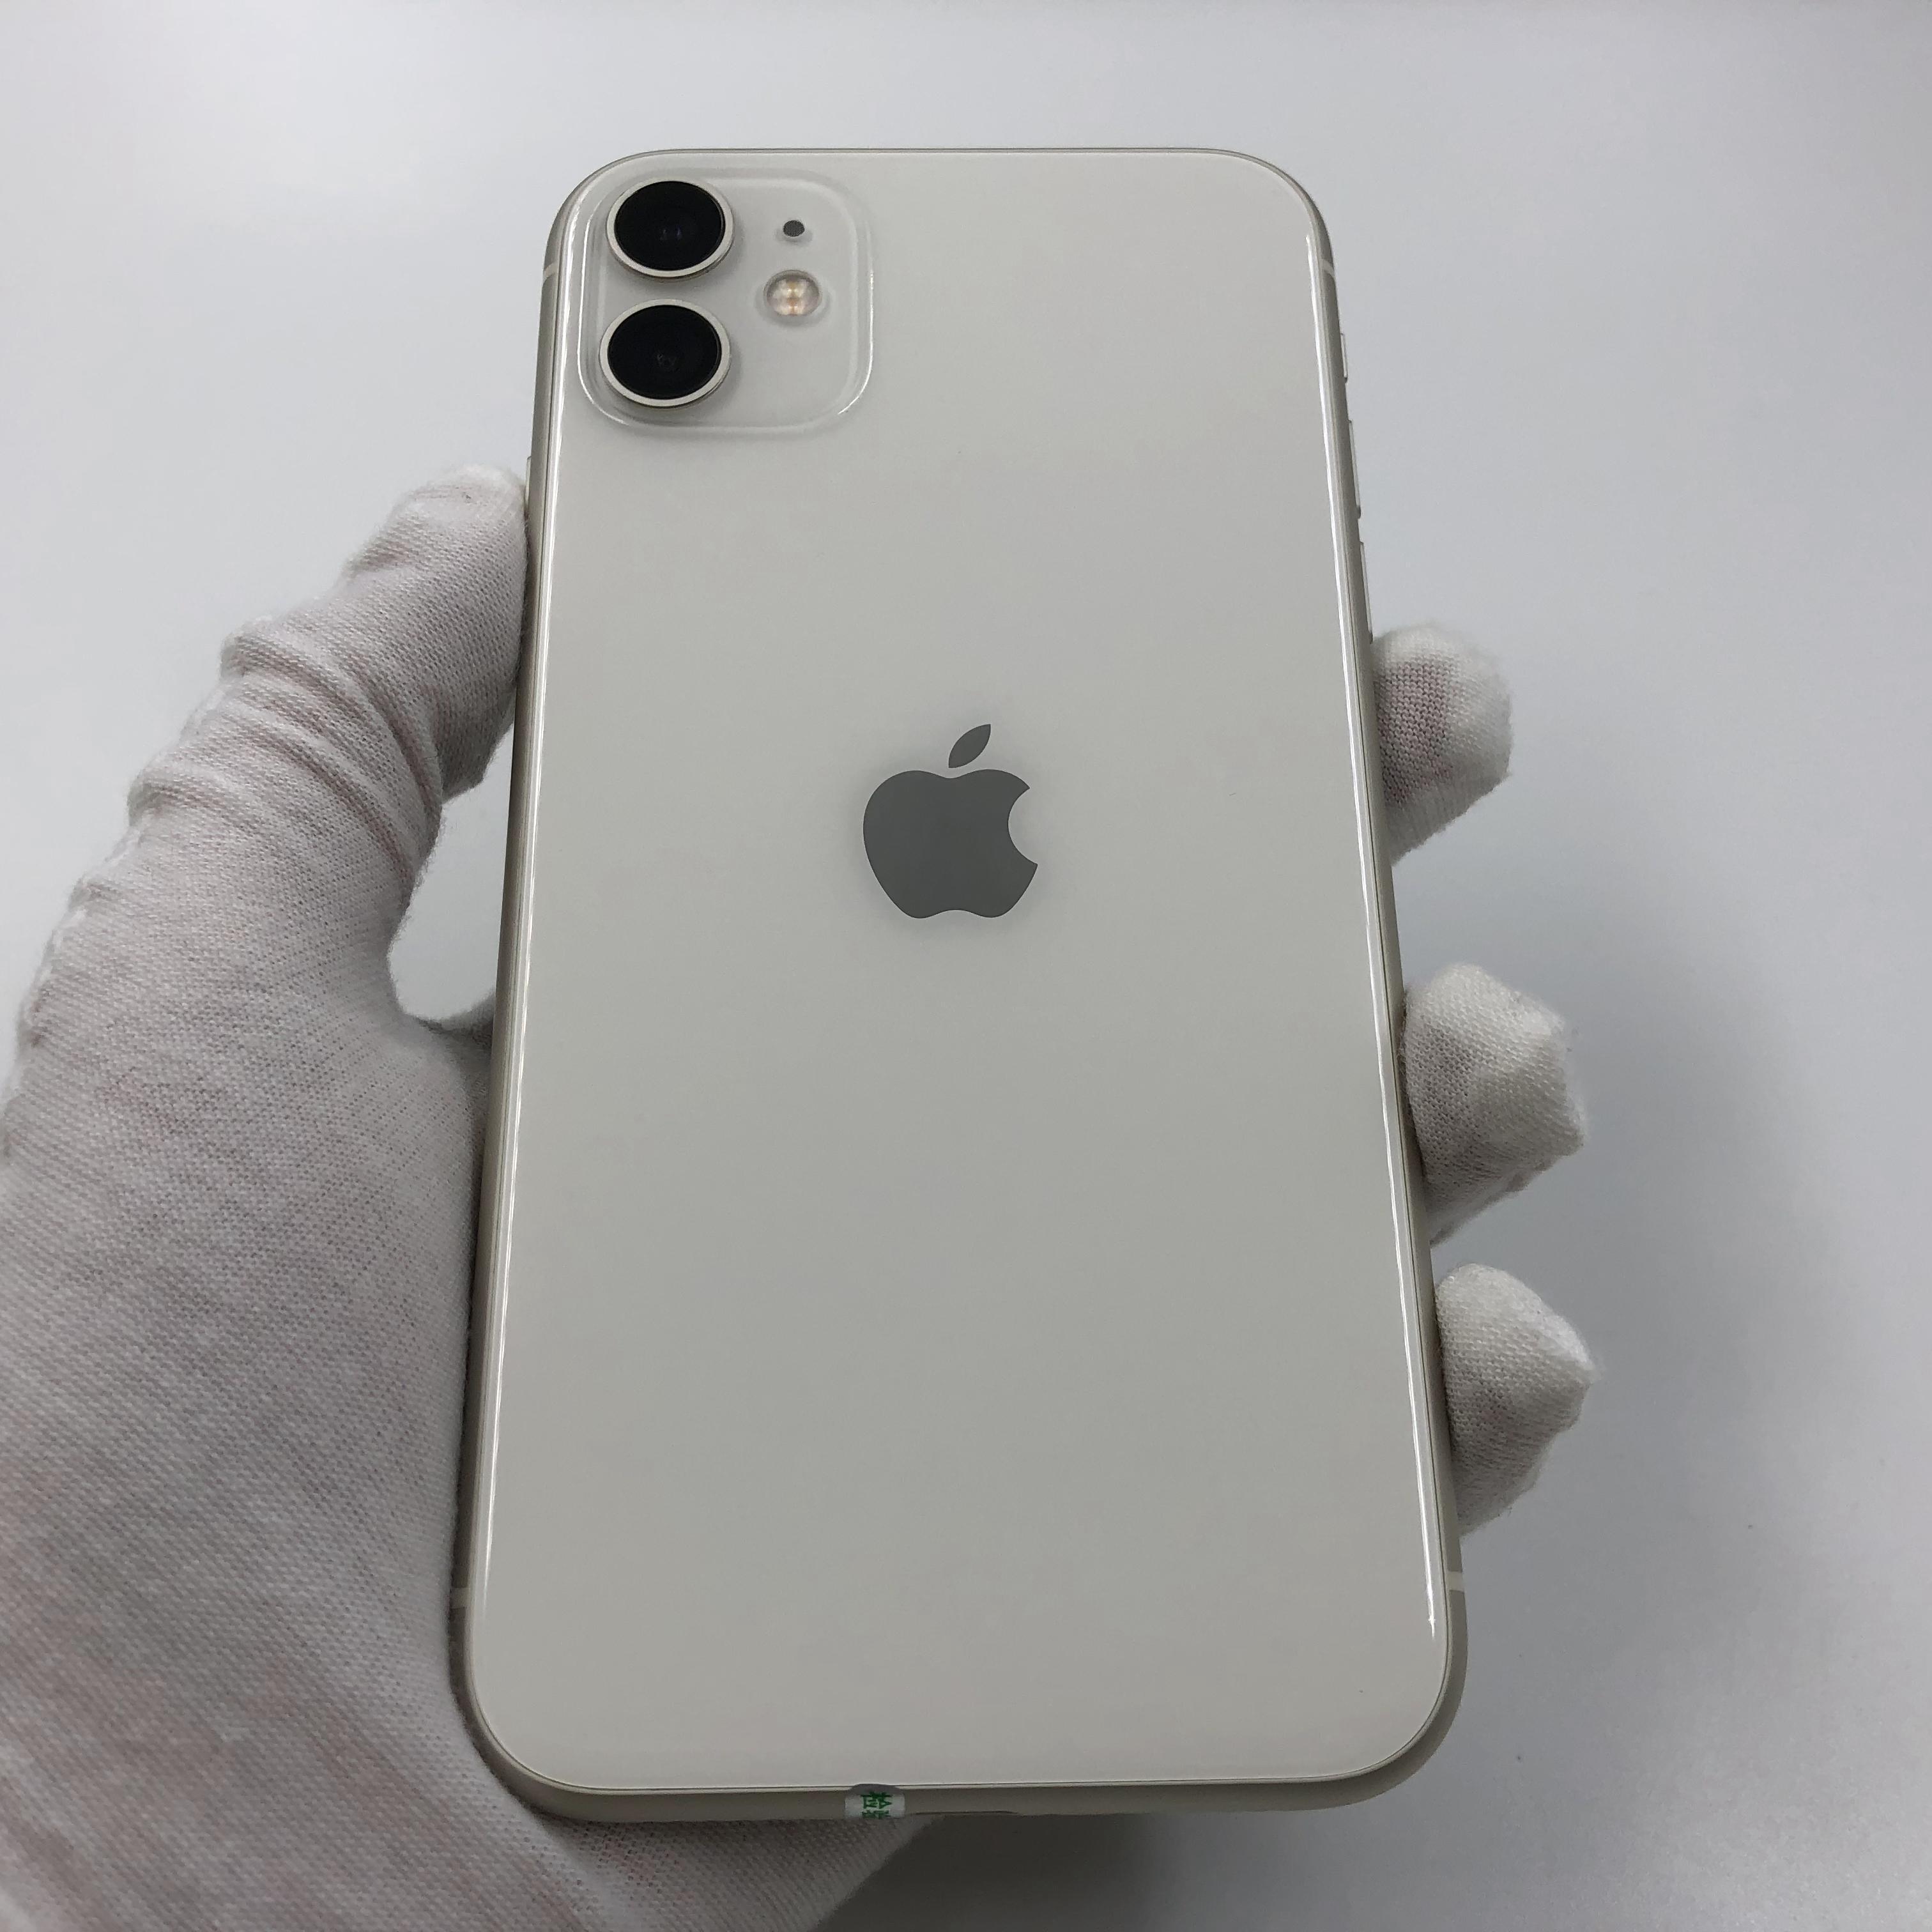 苹果【iPhone 11】4G全网通 白色 64G 国行 95新 真机实拍官保2021-06-25